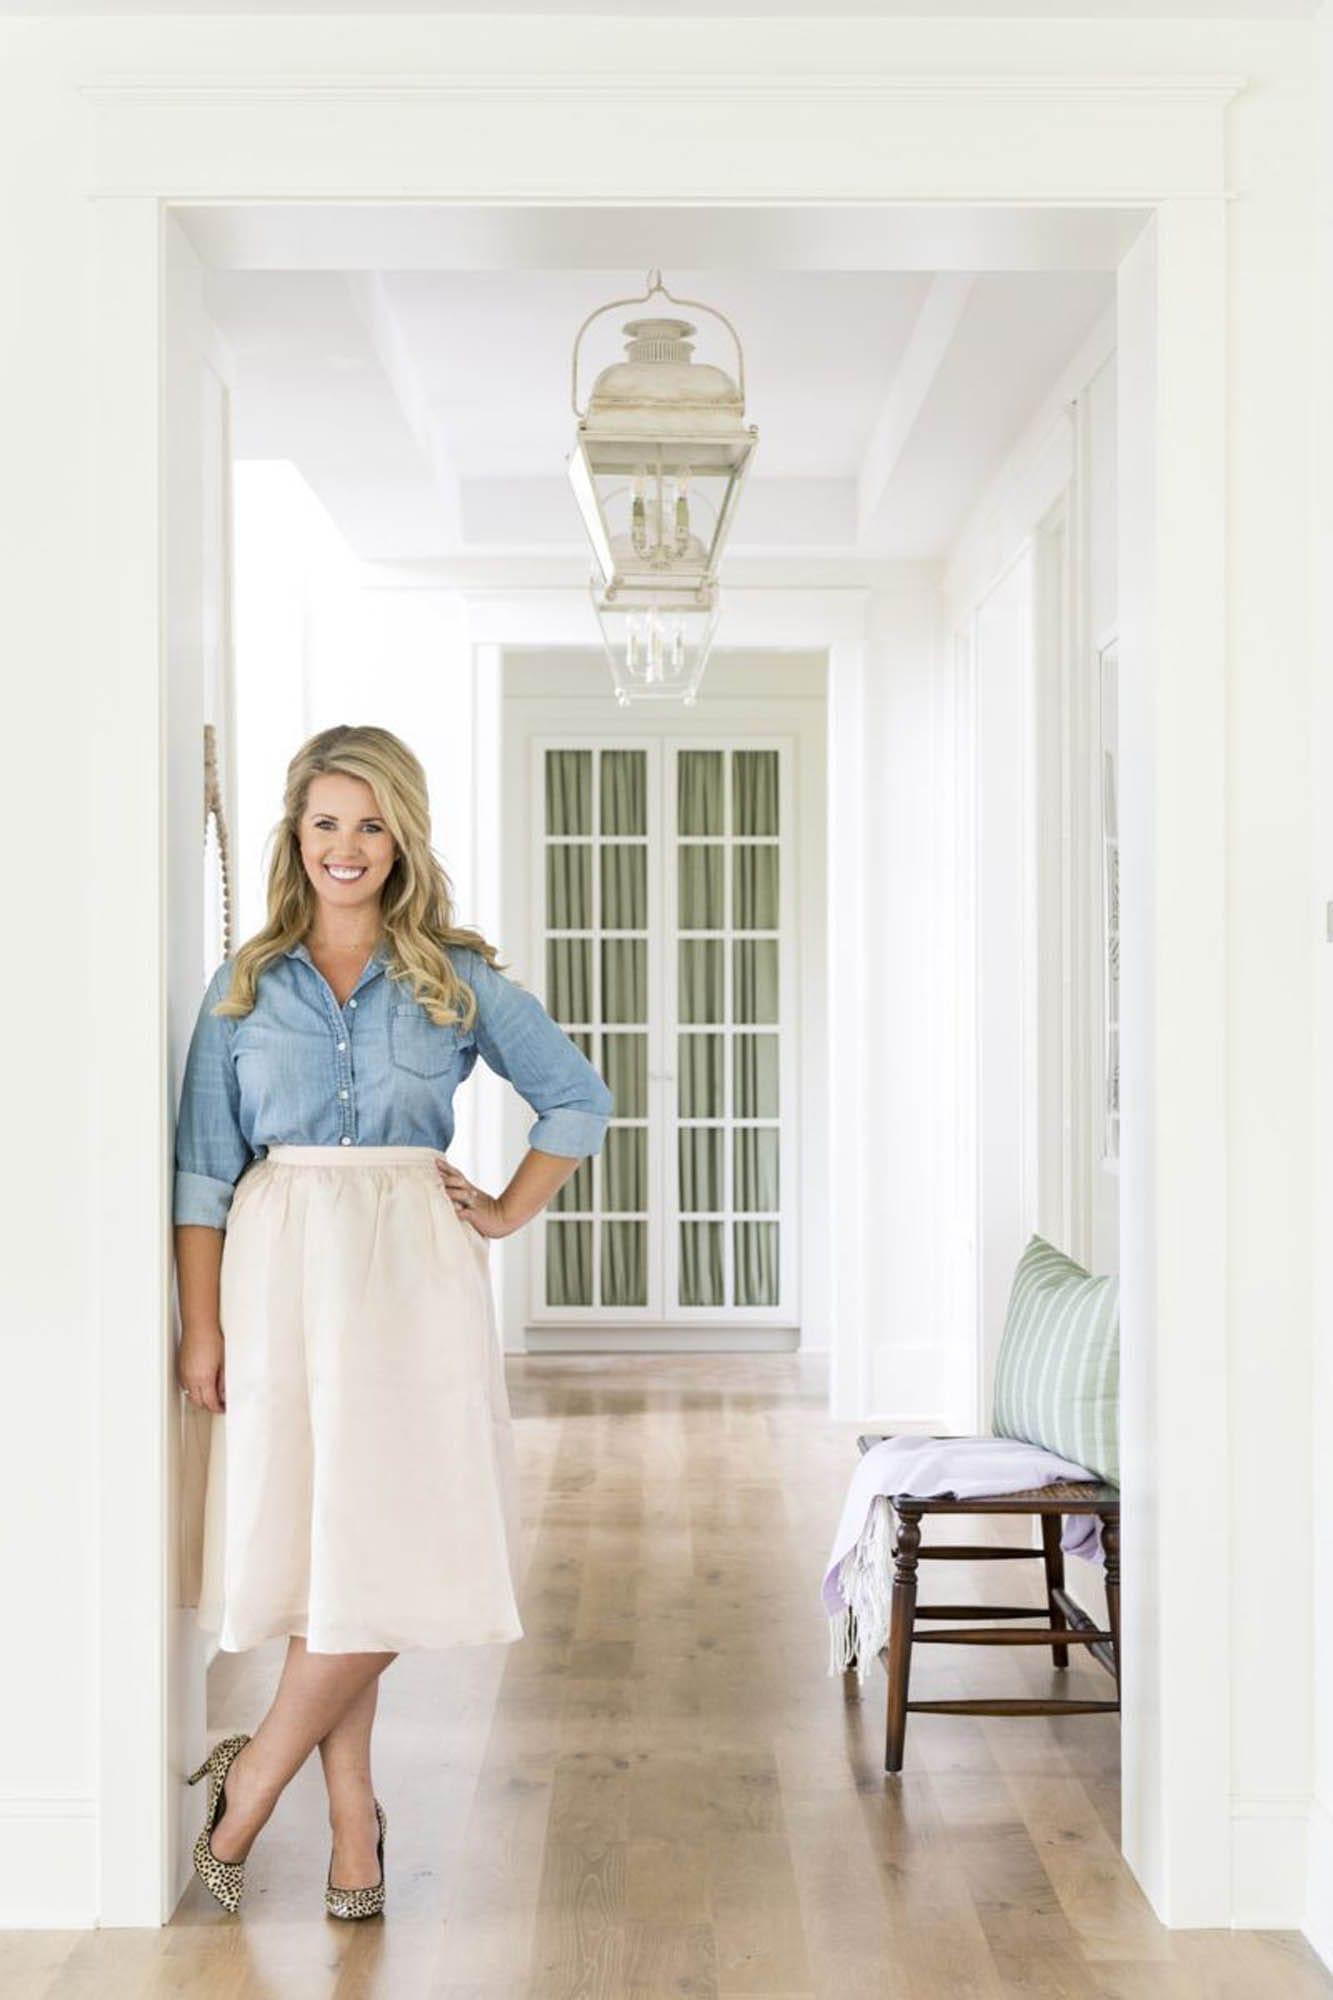 Interior designer Bria Hammel